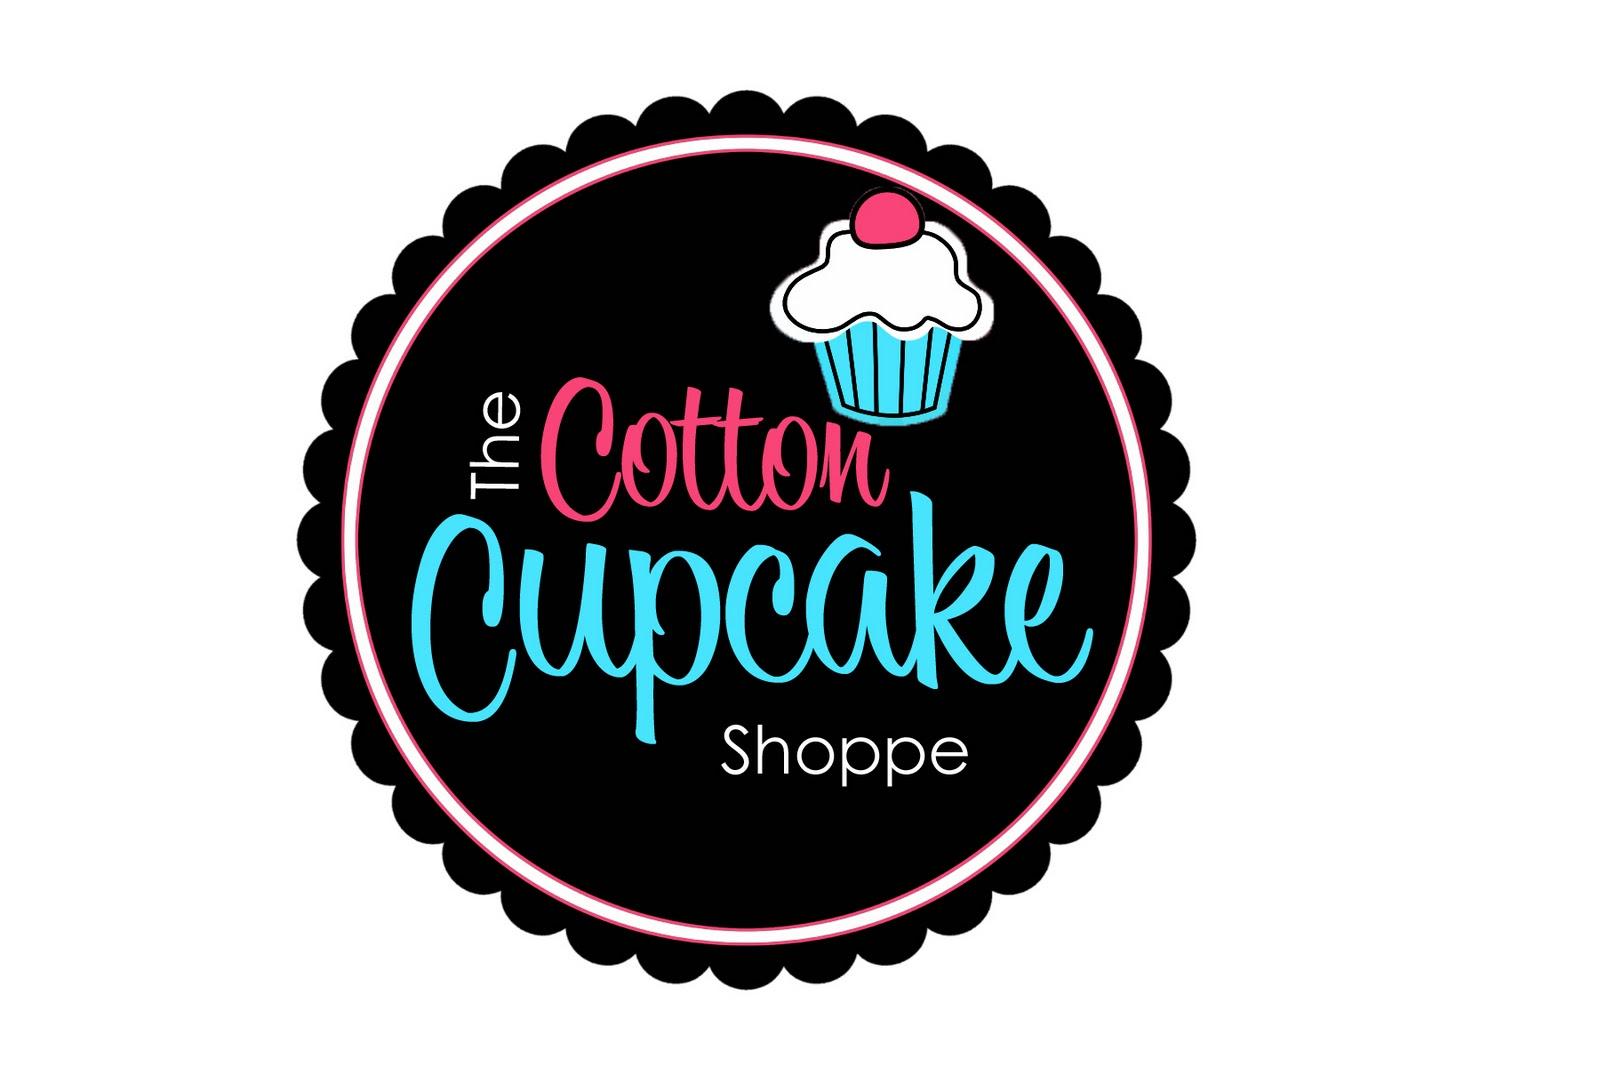 Pin by ♥Girly Girl♥ on Cupcake logos!!♥ | Pinterest